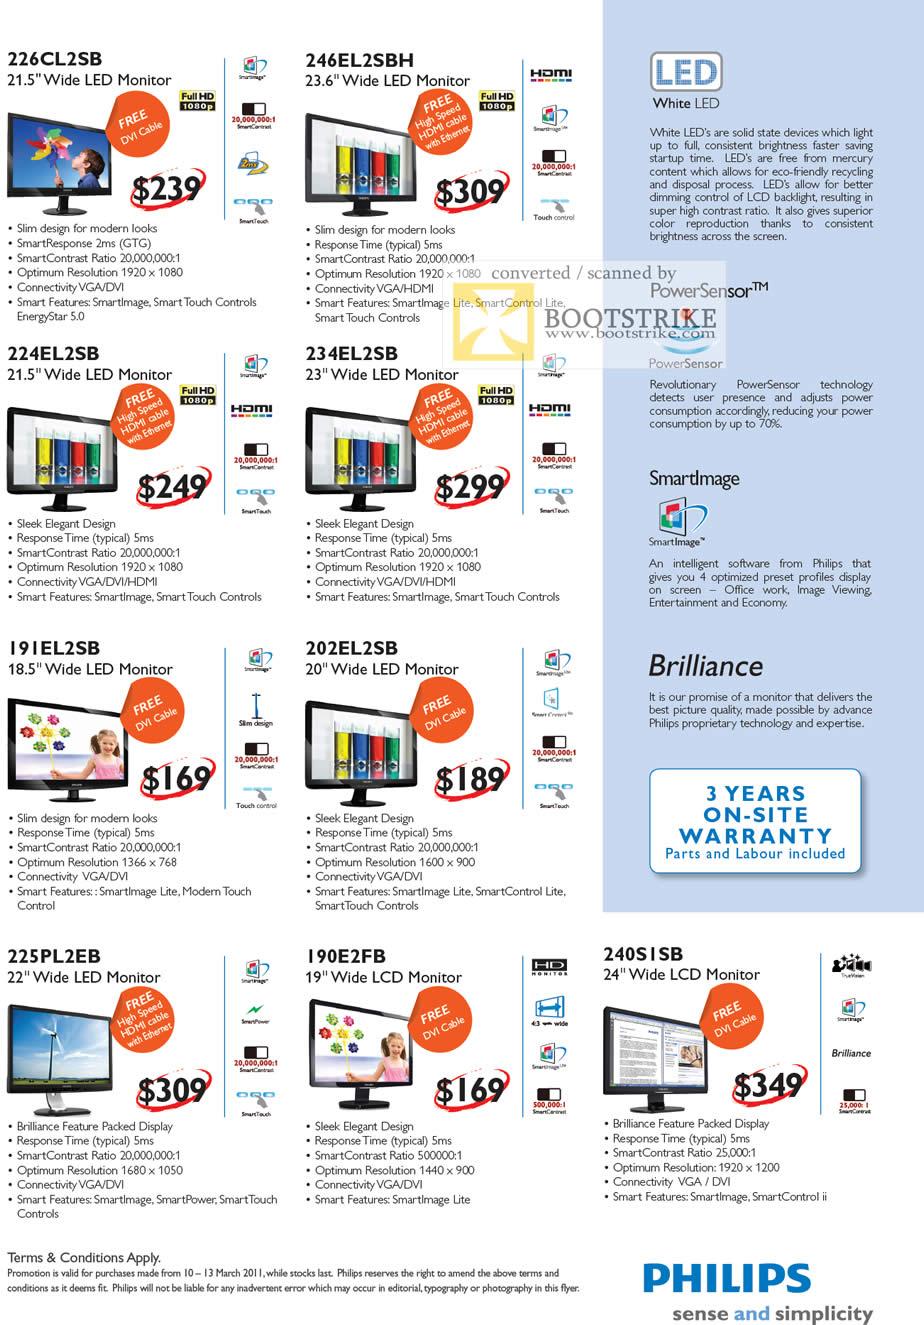 IT Show 2011 price list image brochure of Harvey Norman Philips LED Monitors 226CL2SB 246EL2SBH 224EL2SB 234EL2SB 191EL2SB 202EL2SB 225PL2EB 190E2FB 240SISB Brilliance